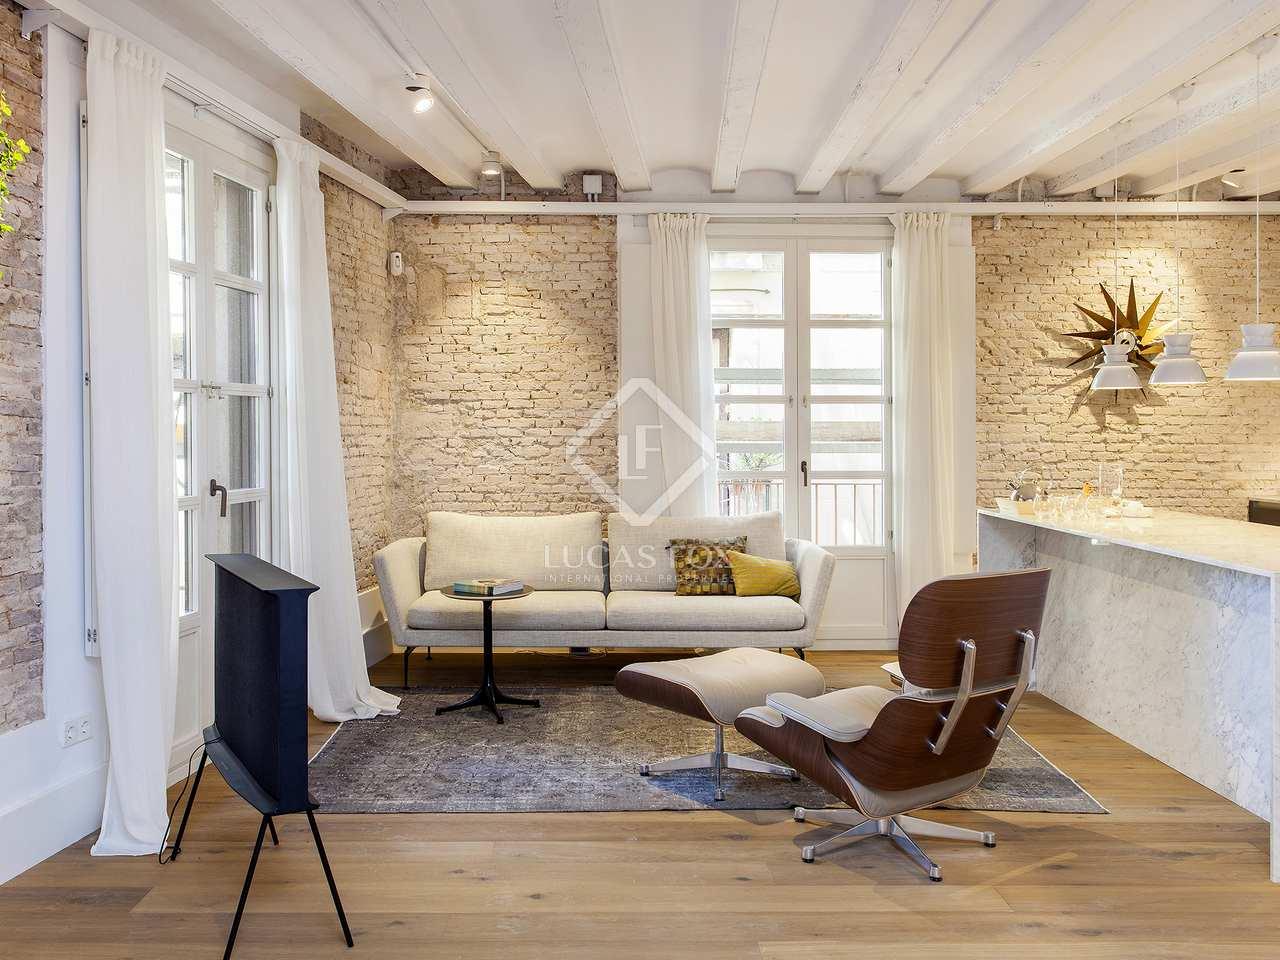 Apartamento de 126m en alquiler en el g tico barcelona - Apartamentos en alquiler barcelona ...